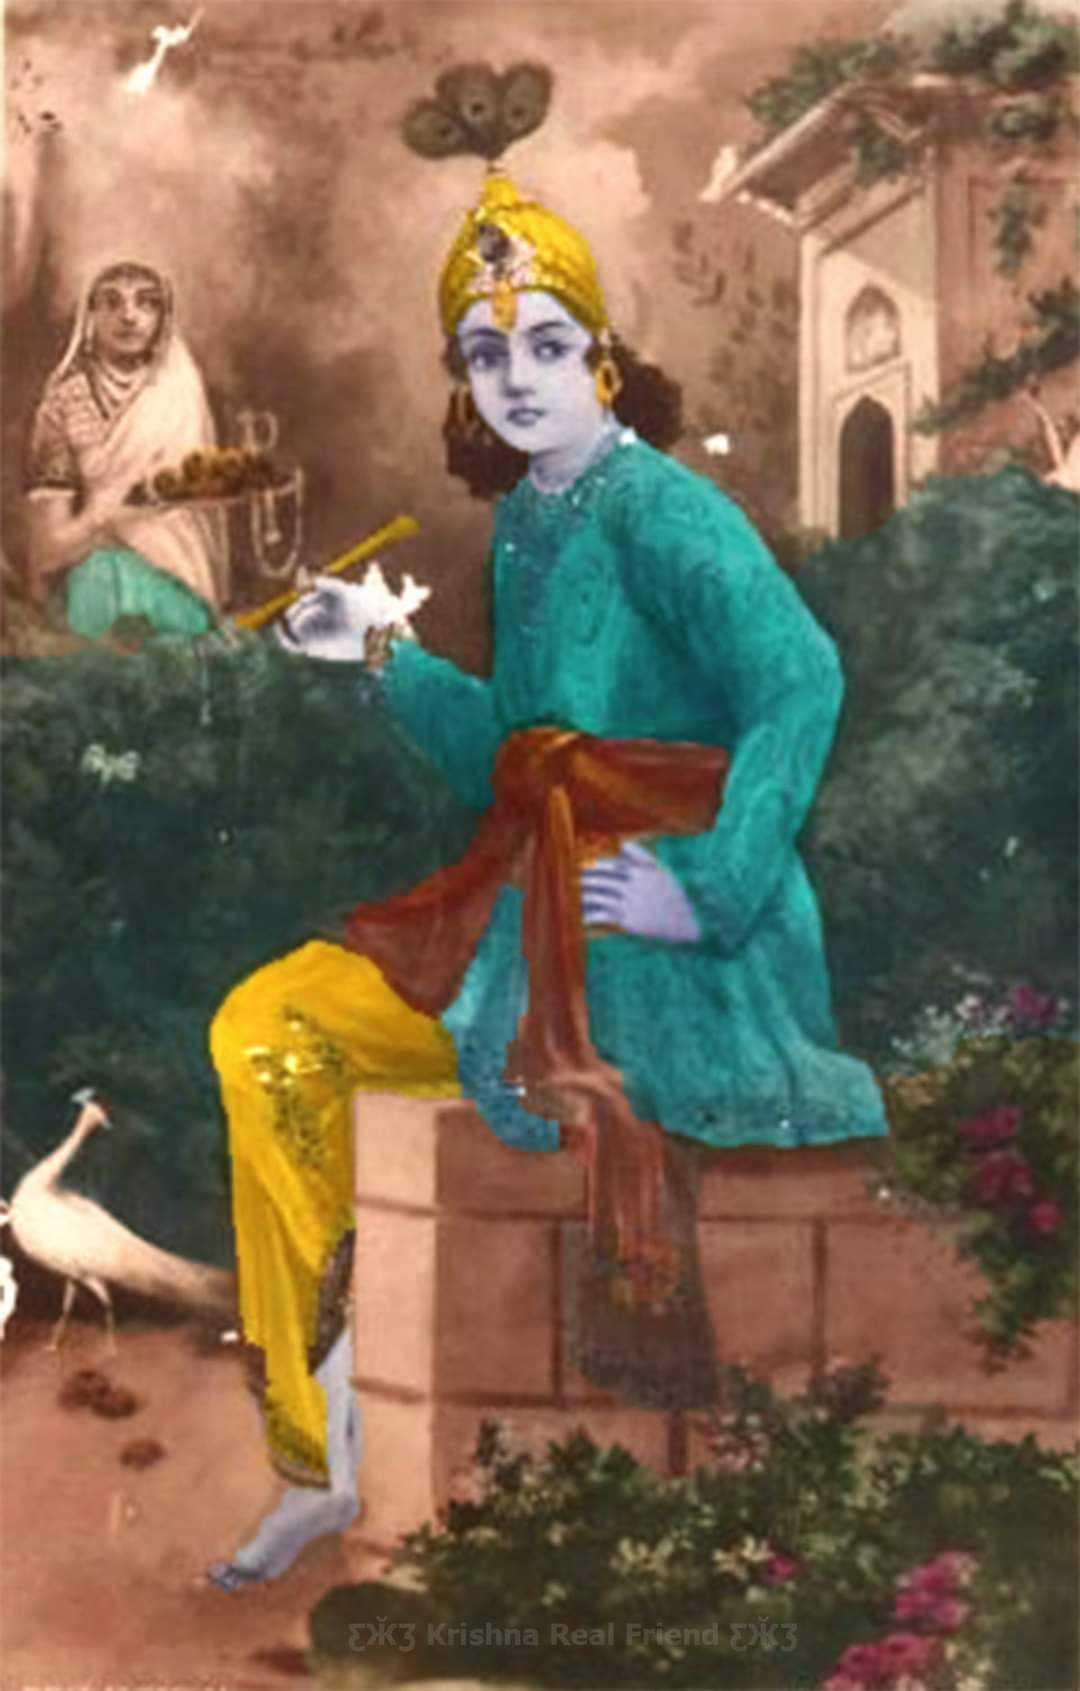 Krishna wallpaper images photos pics for mobile - Krishna wallpaper images photos pics for mobile